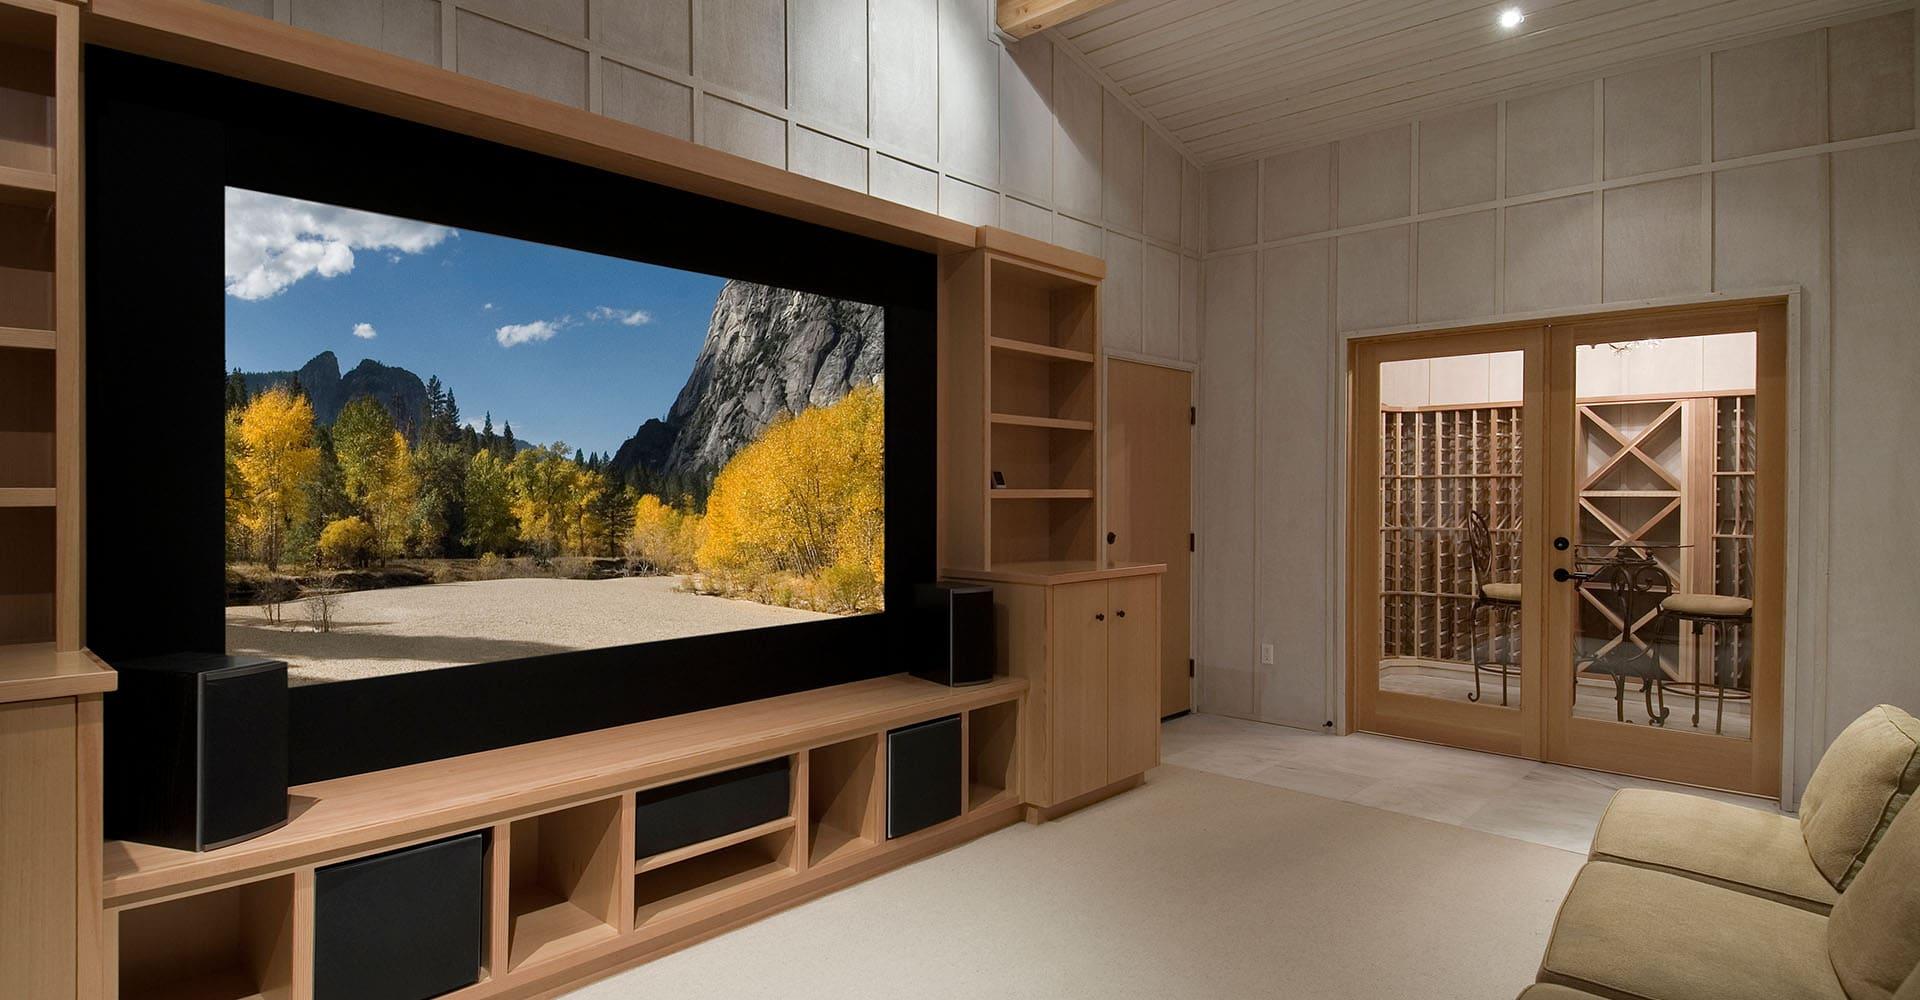 Heimkinosystem im Wohnzimmer mit großem Fernseher